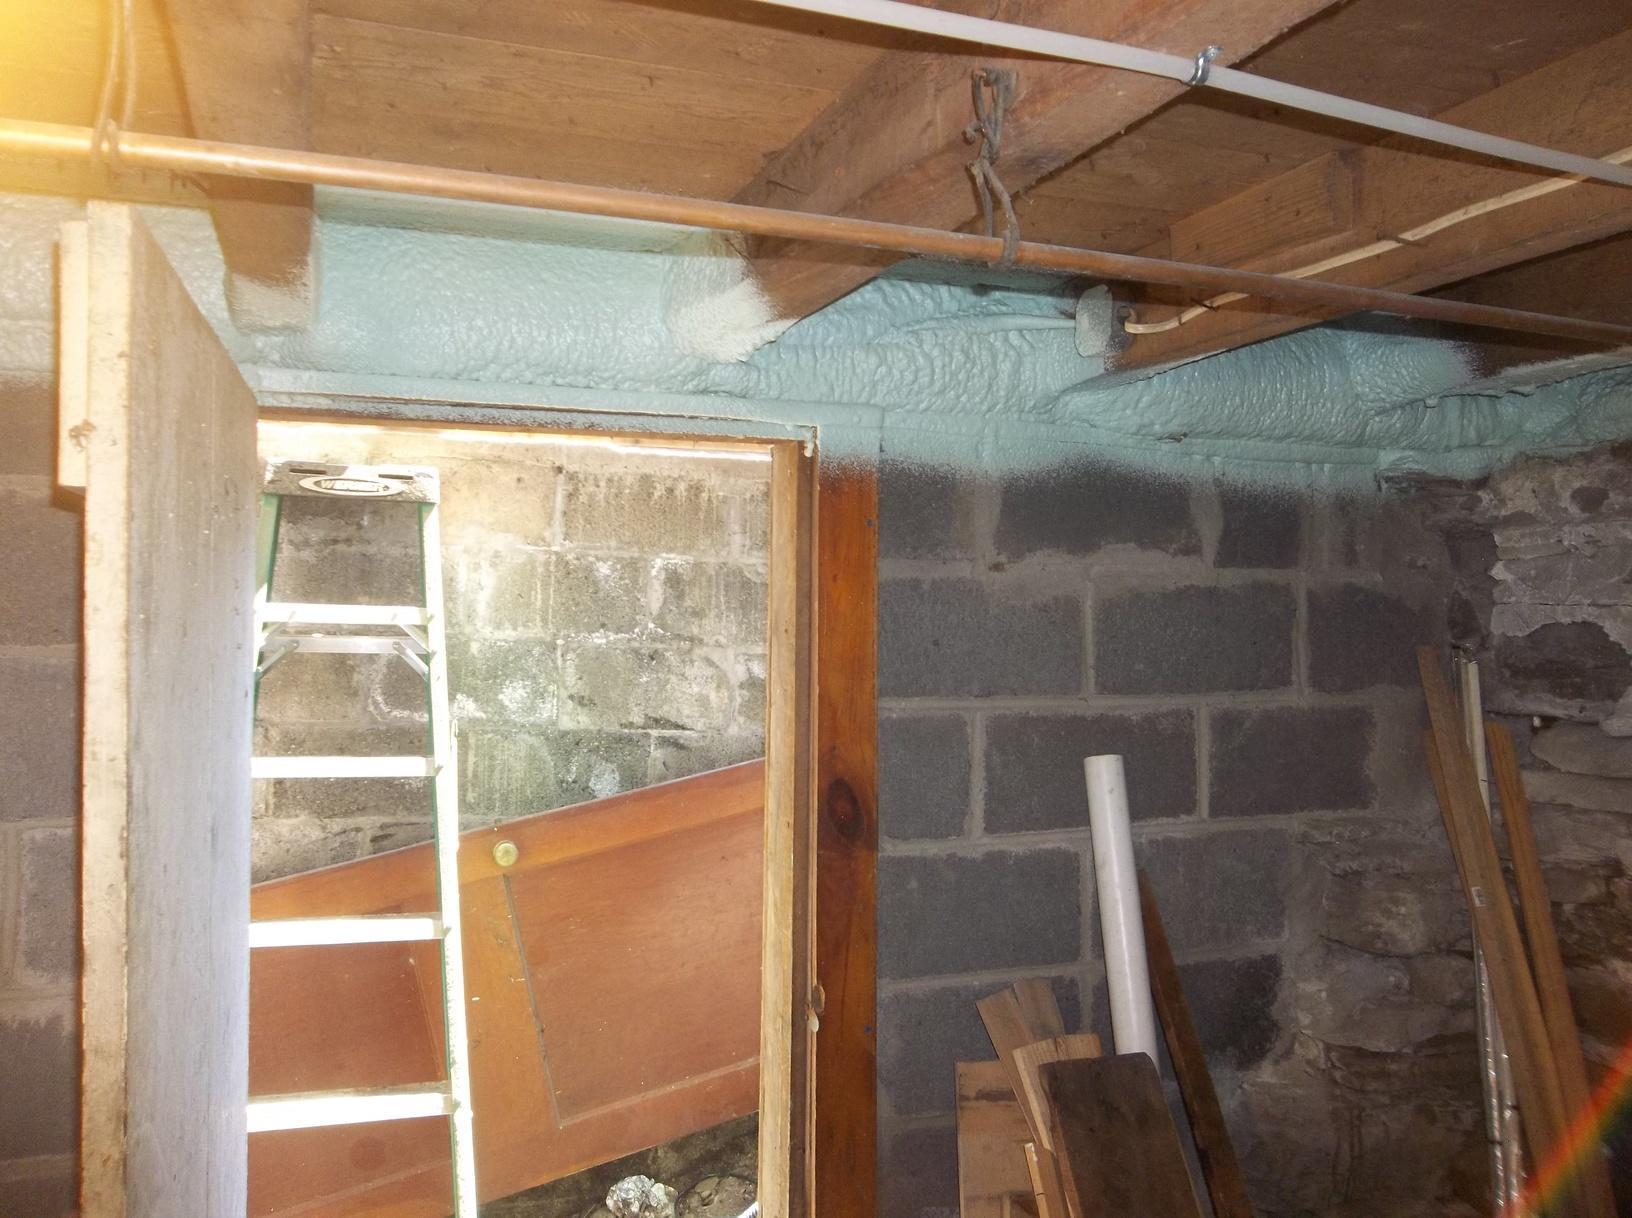 Rim Joist Insulated with Spray Foam